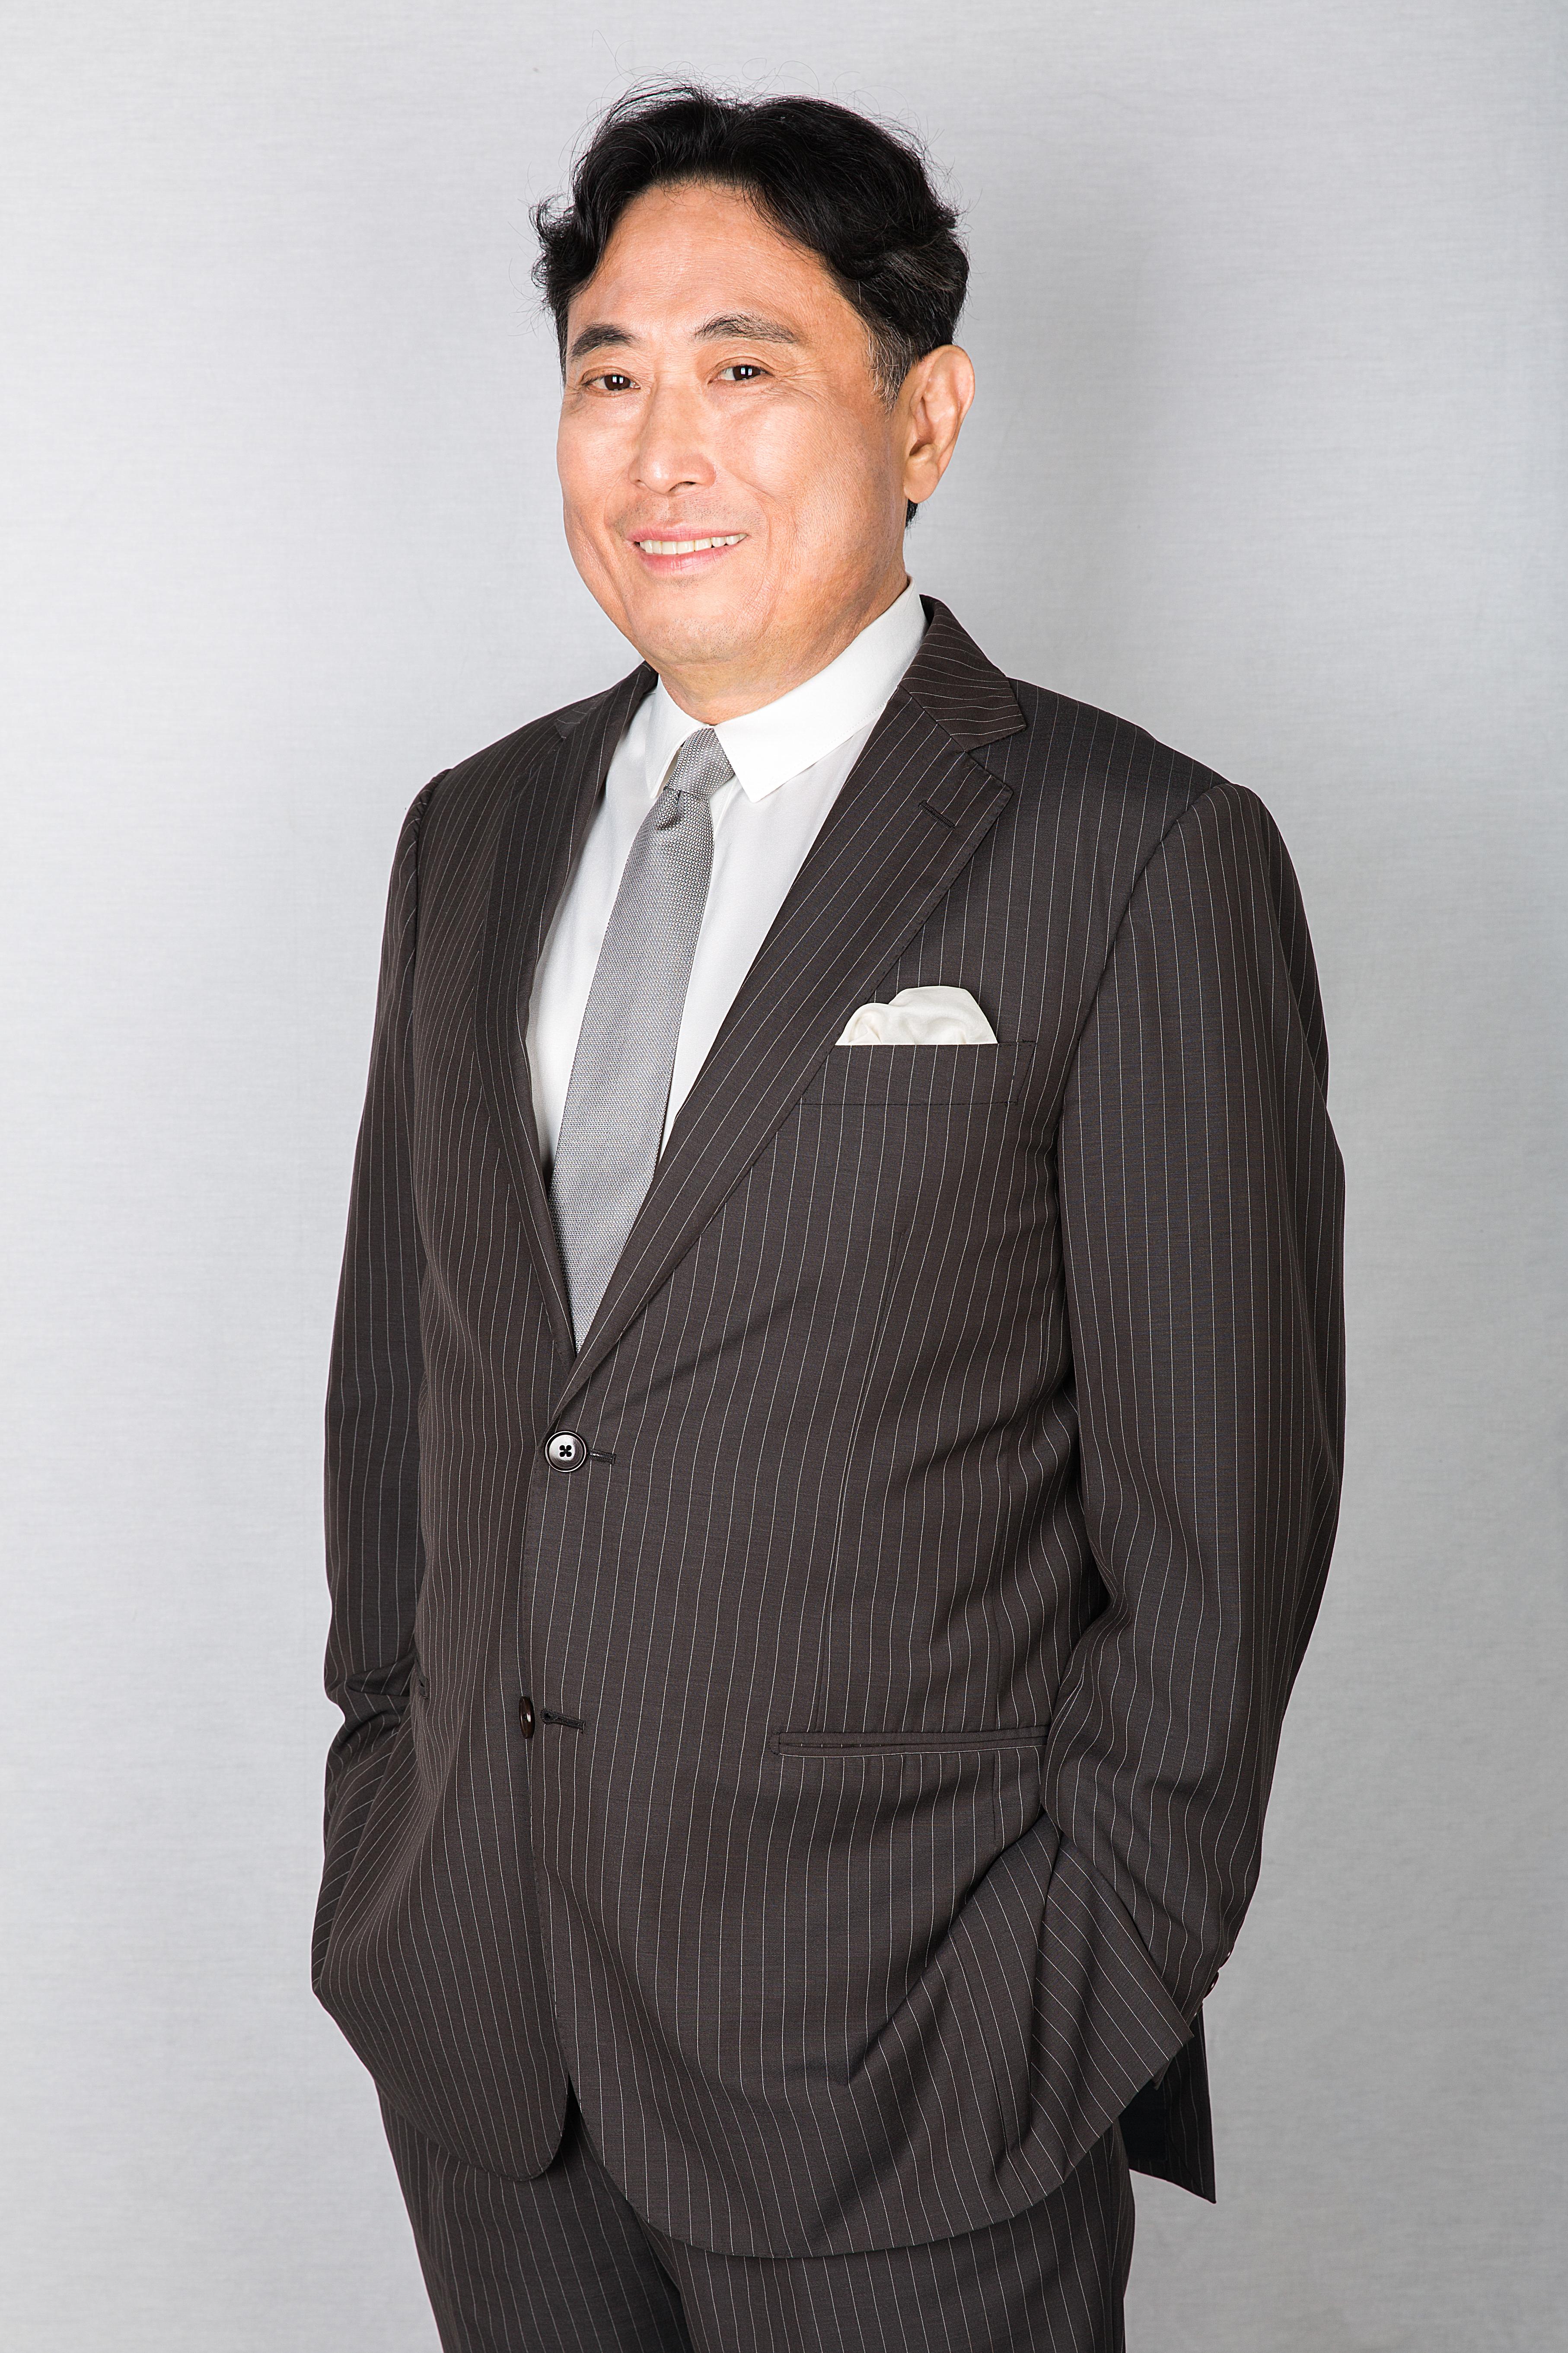 Fred Tsao Portrait 1